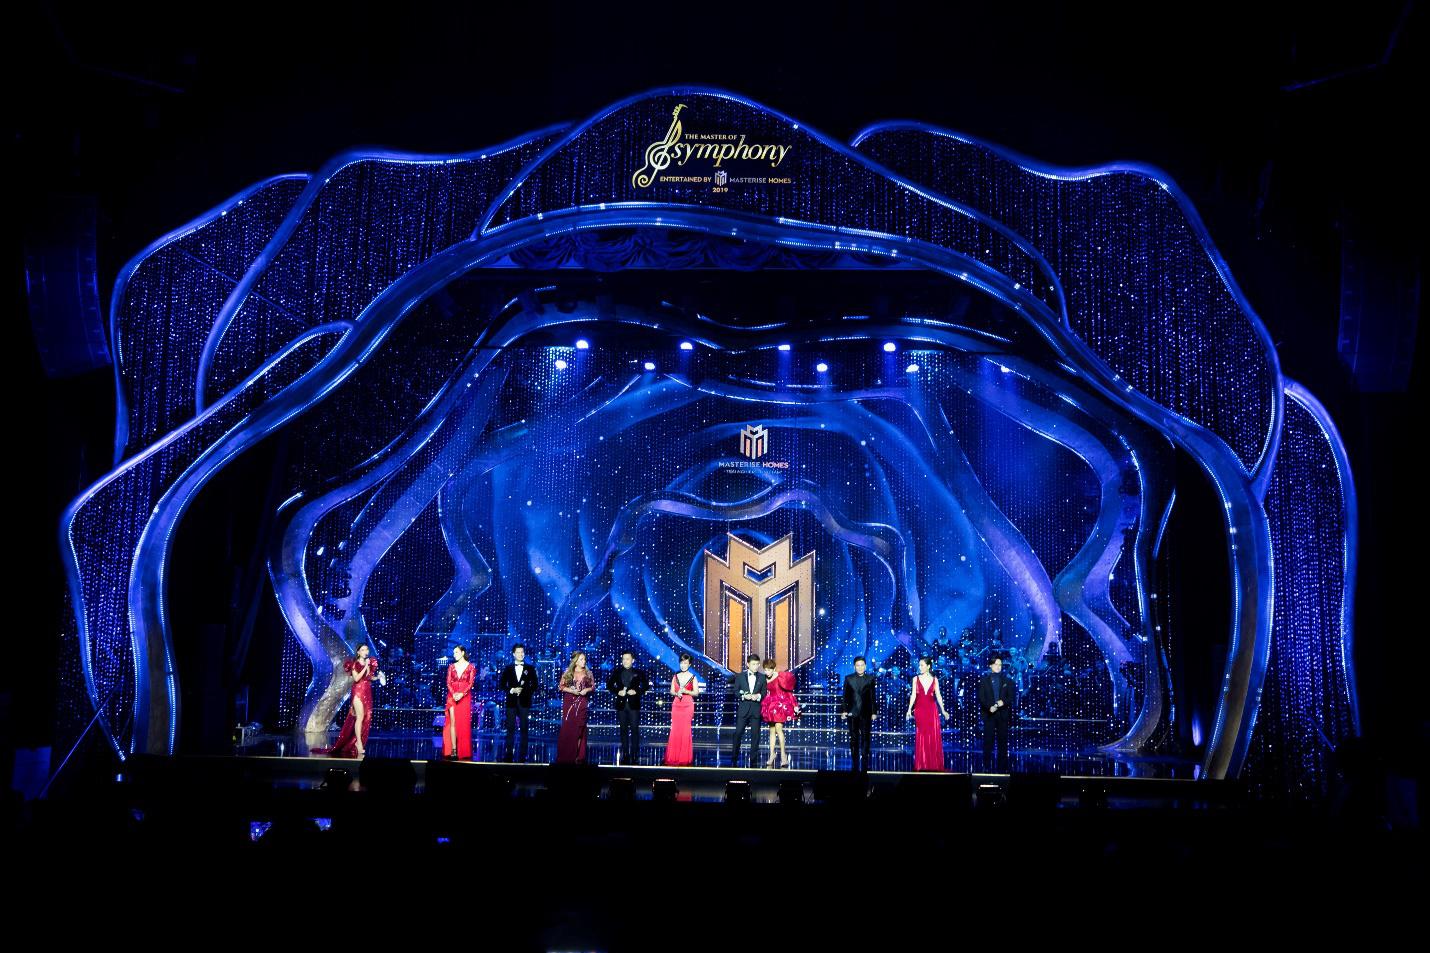 The Master Of Symphony 2019 chinh phục khán giả với các tiết mục trình diễn đỉnh cao và ấn tượng - Ảnh 9.